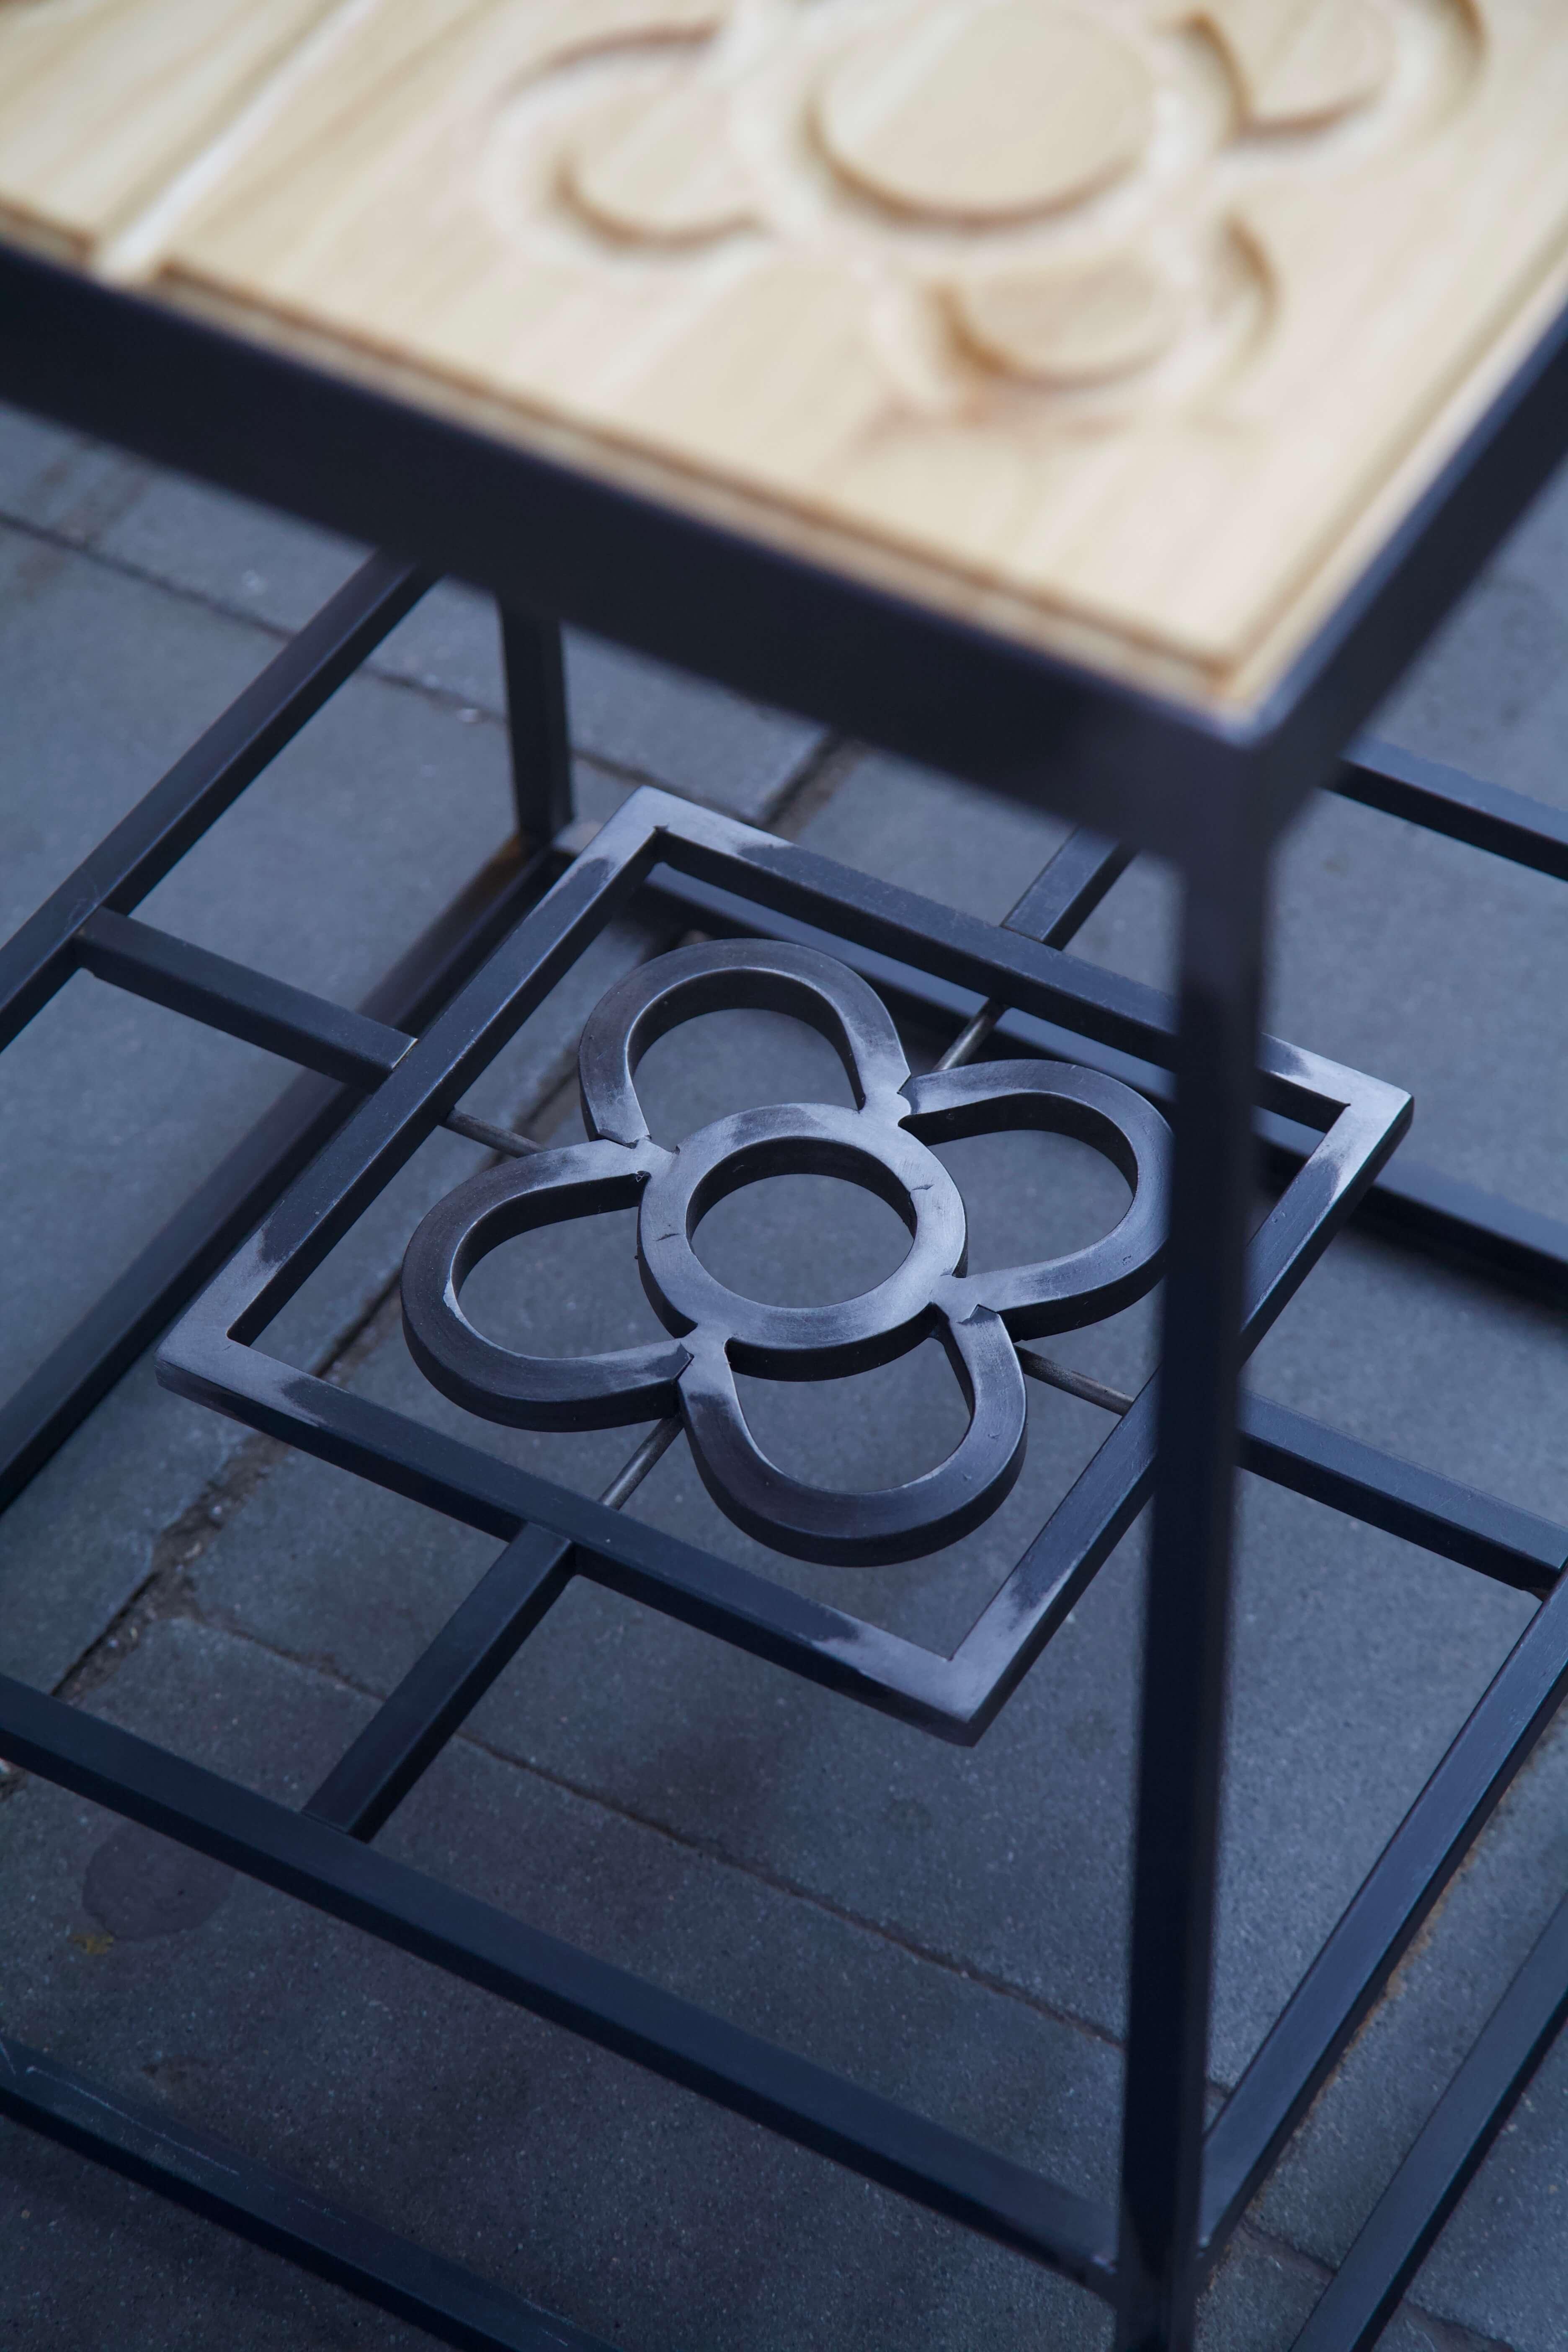 Detalle de la flor de la mesa hecha con estructura de hierro y panots flor de barcelona en madera